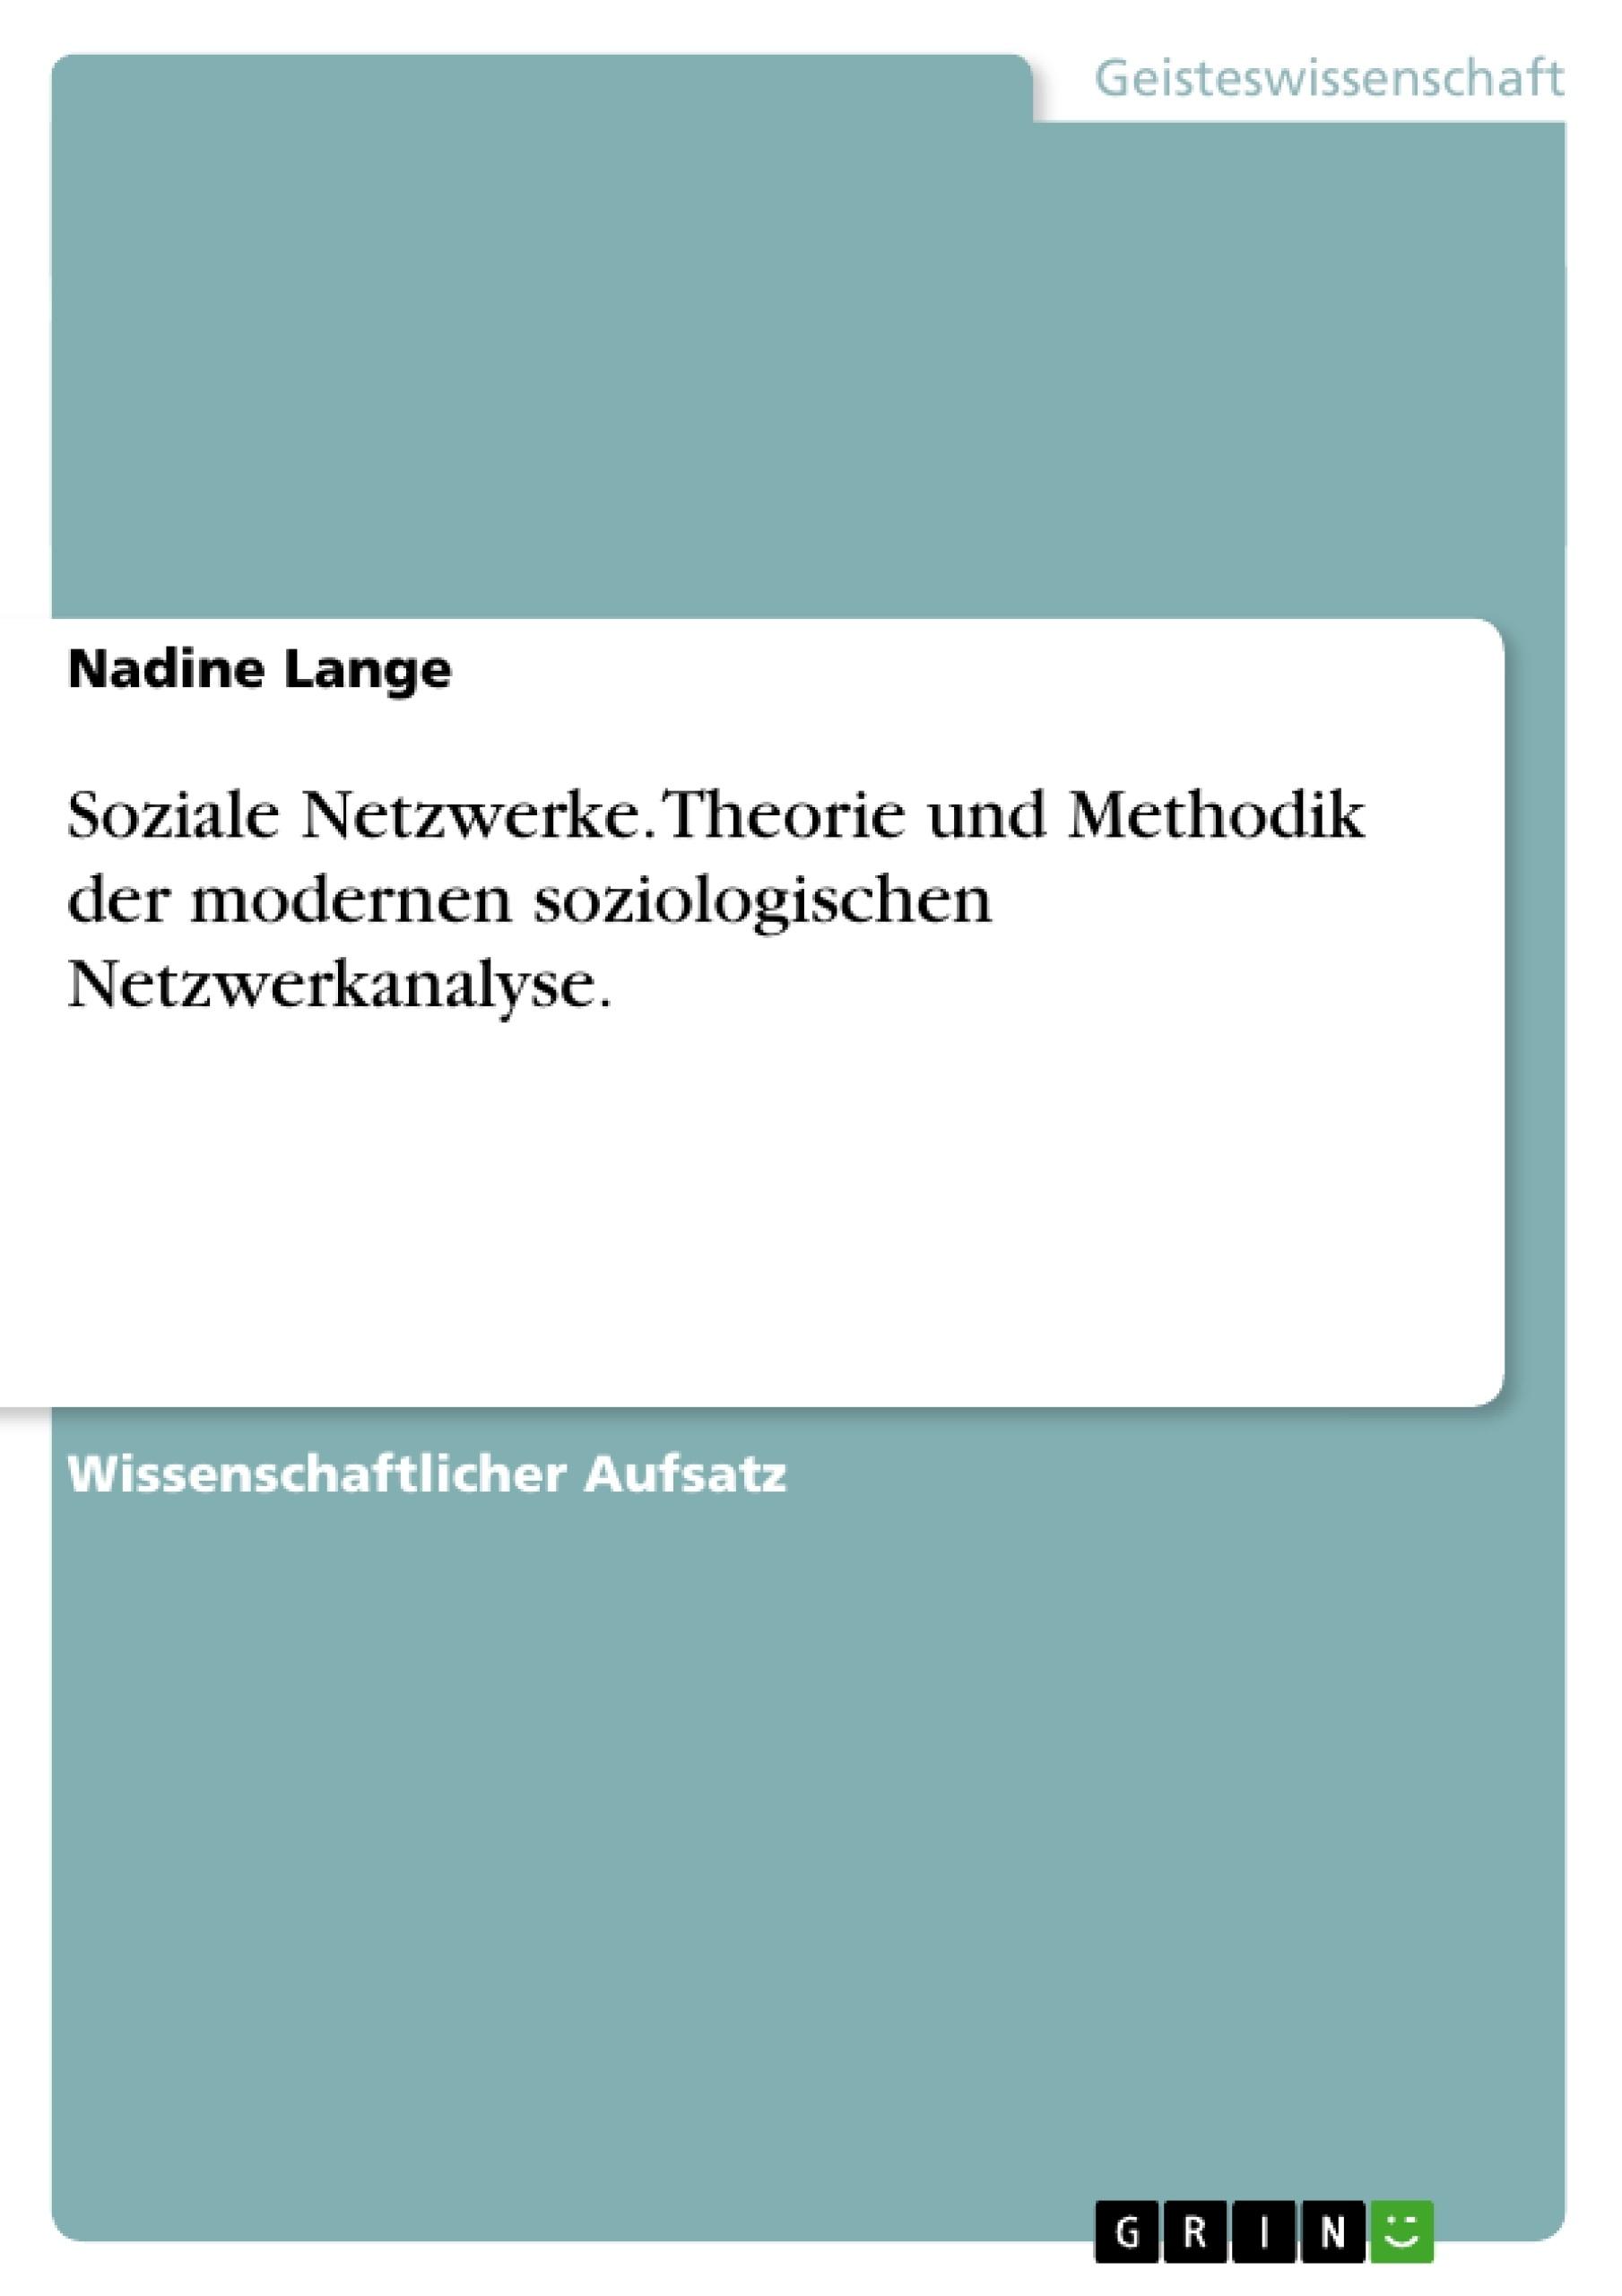 Titel: Soziale Netzwerke. Theorie und Methodik der modernen soziologischen Netzwerkanalyse.